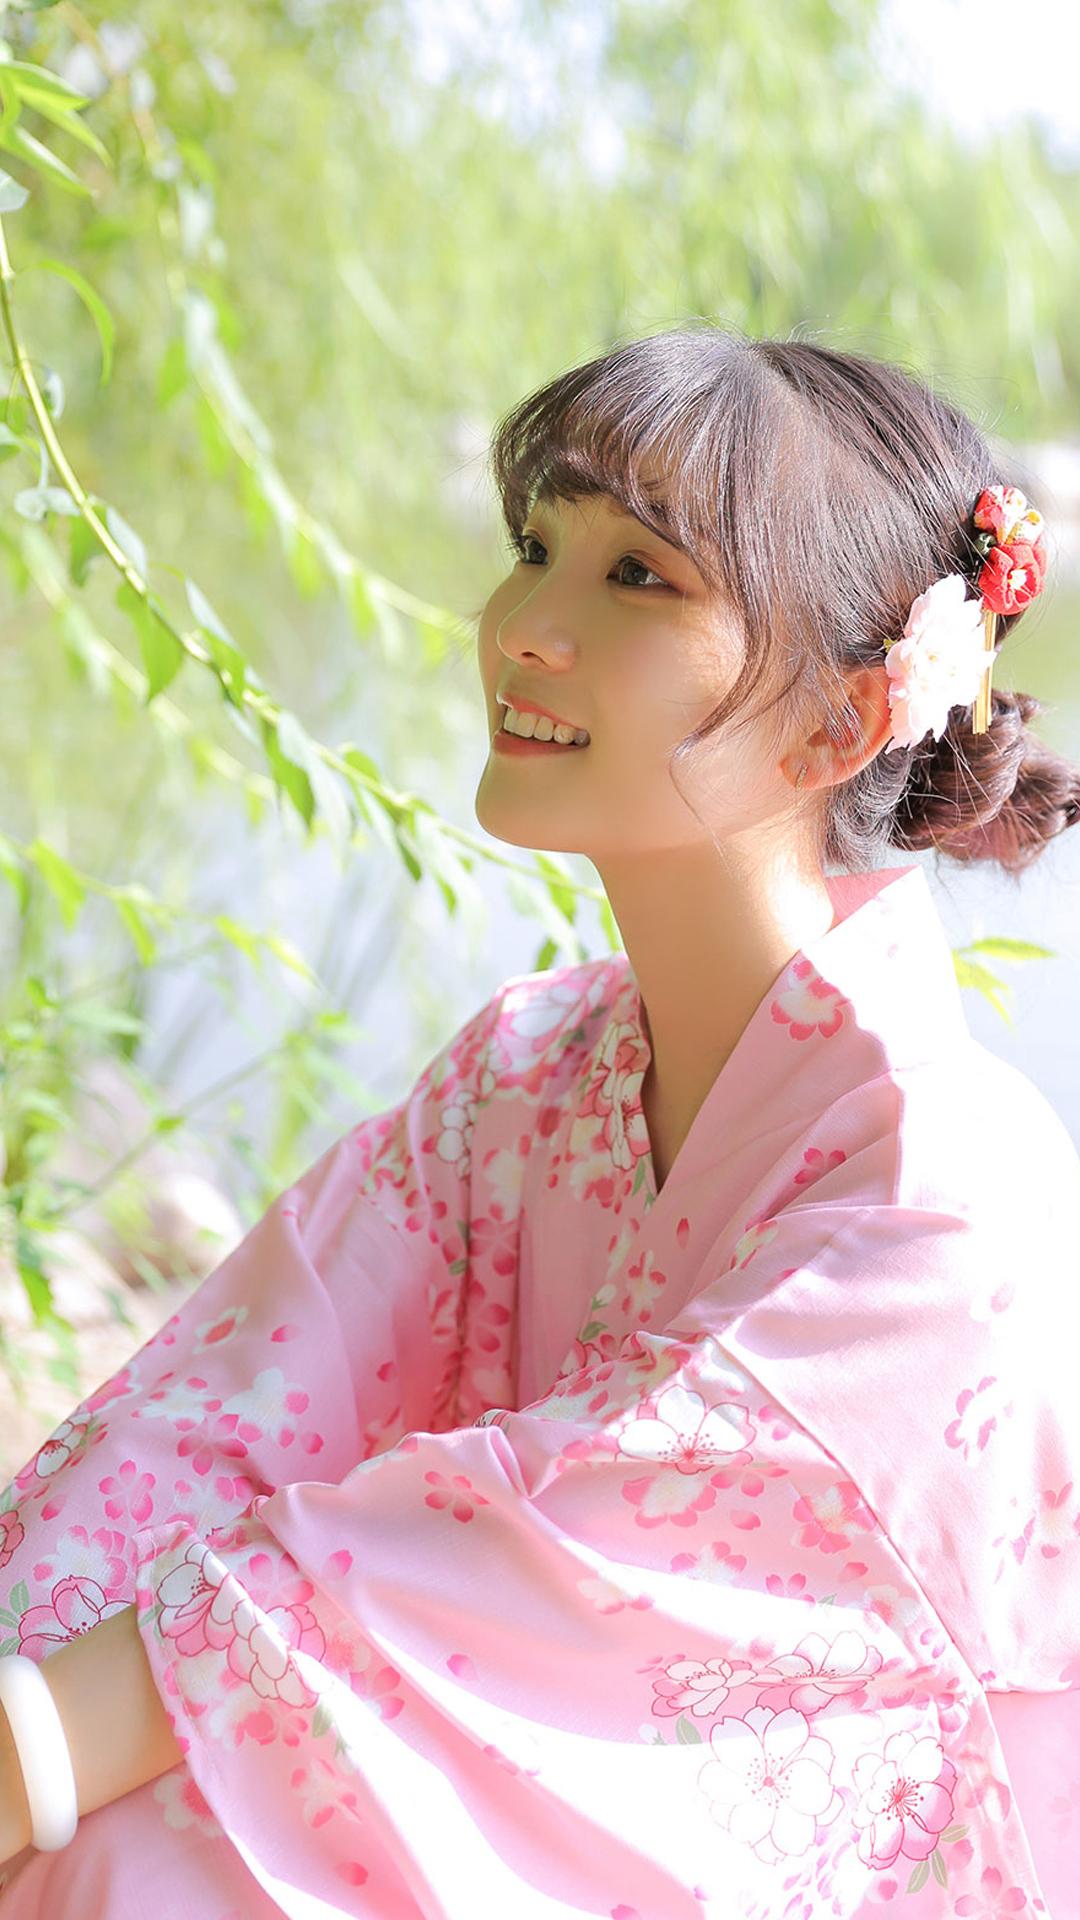 可爱清纯粉色和服美女笑容甜美日系小清新艺术写真图片